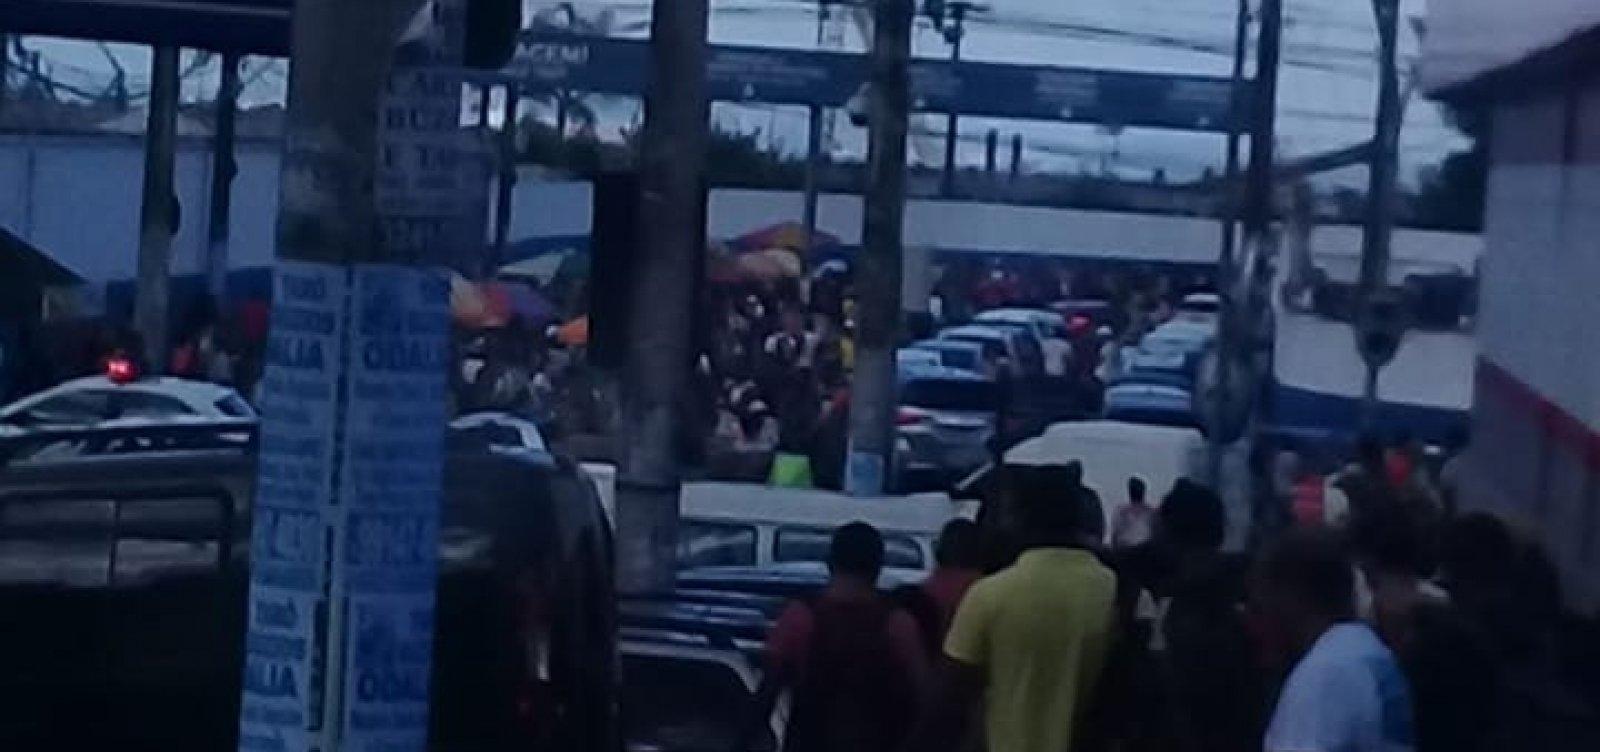 Passageiro relata espera de oito horas na fila do ferry em Salvador